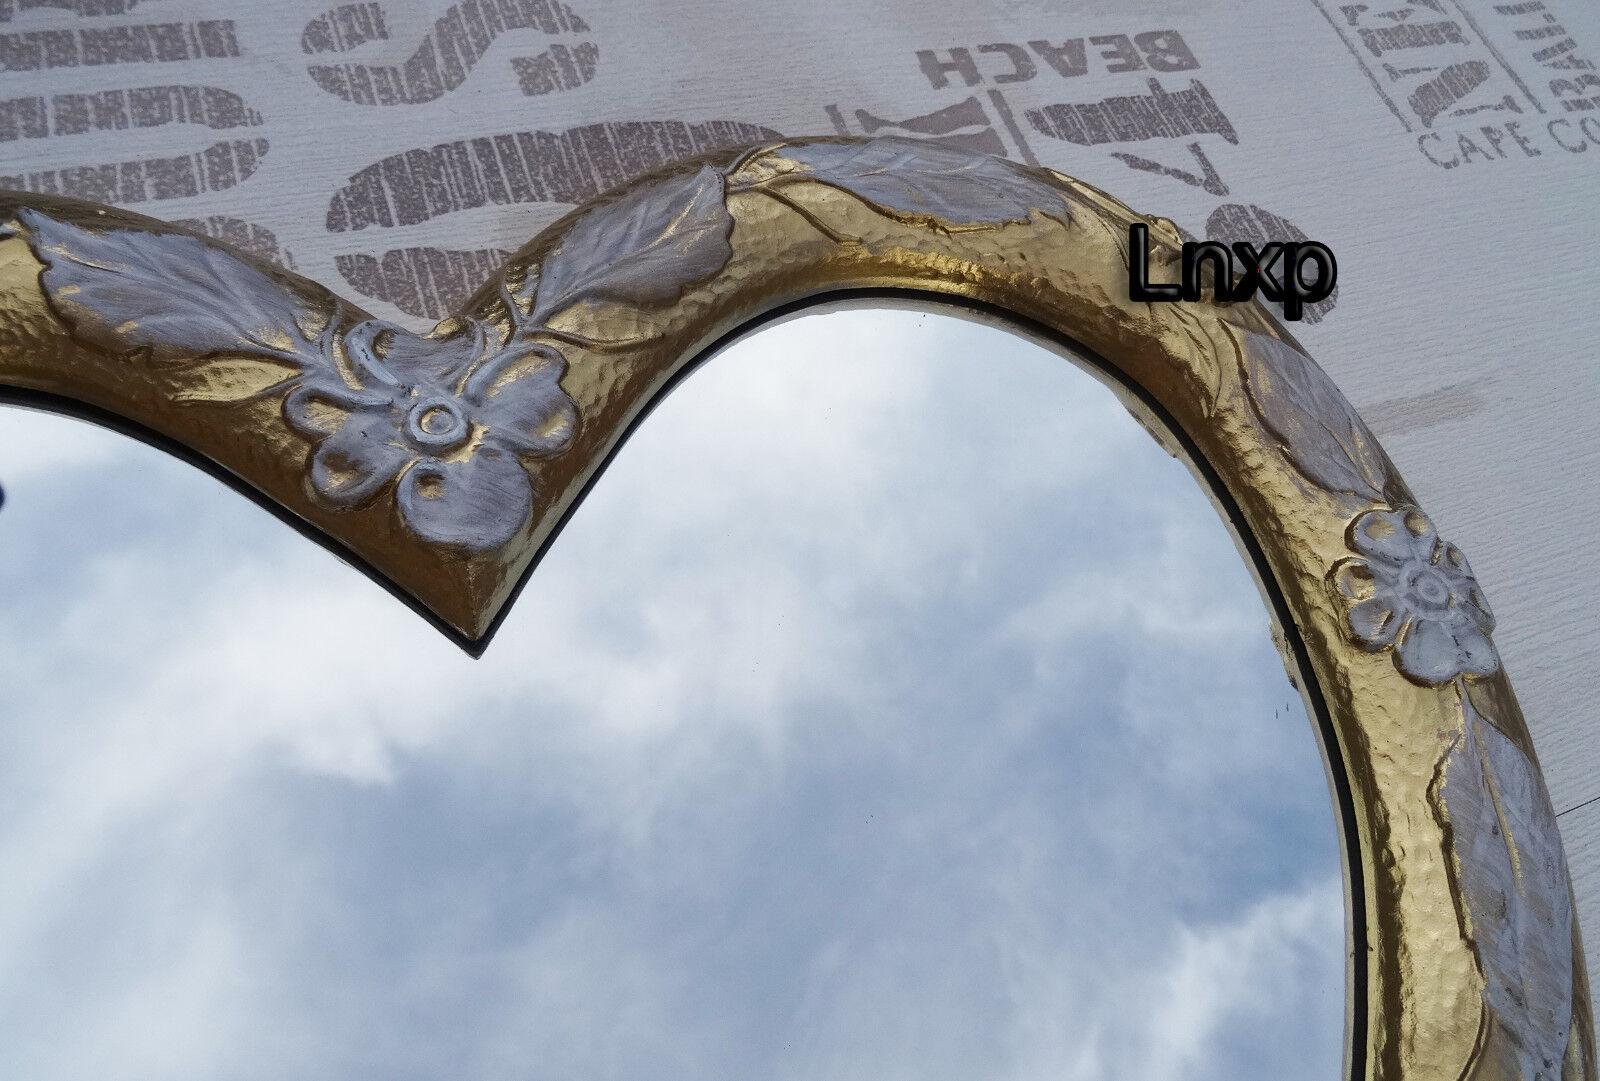 Specchio muro cuore forma di barocco shabby retr oro bianco regalo amore 1 ebay - Specchio a cuore ...